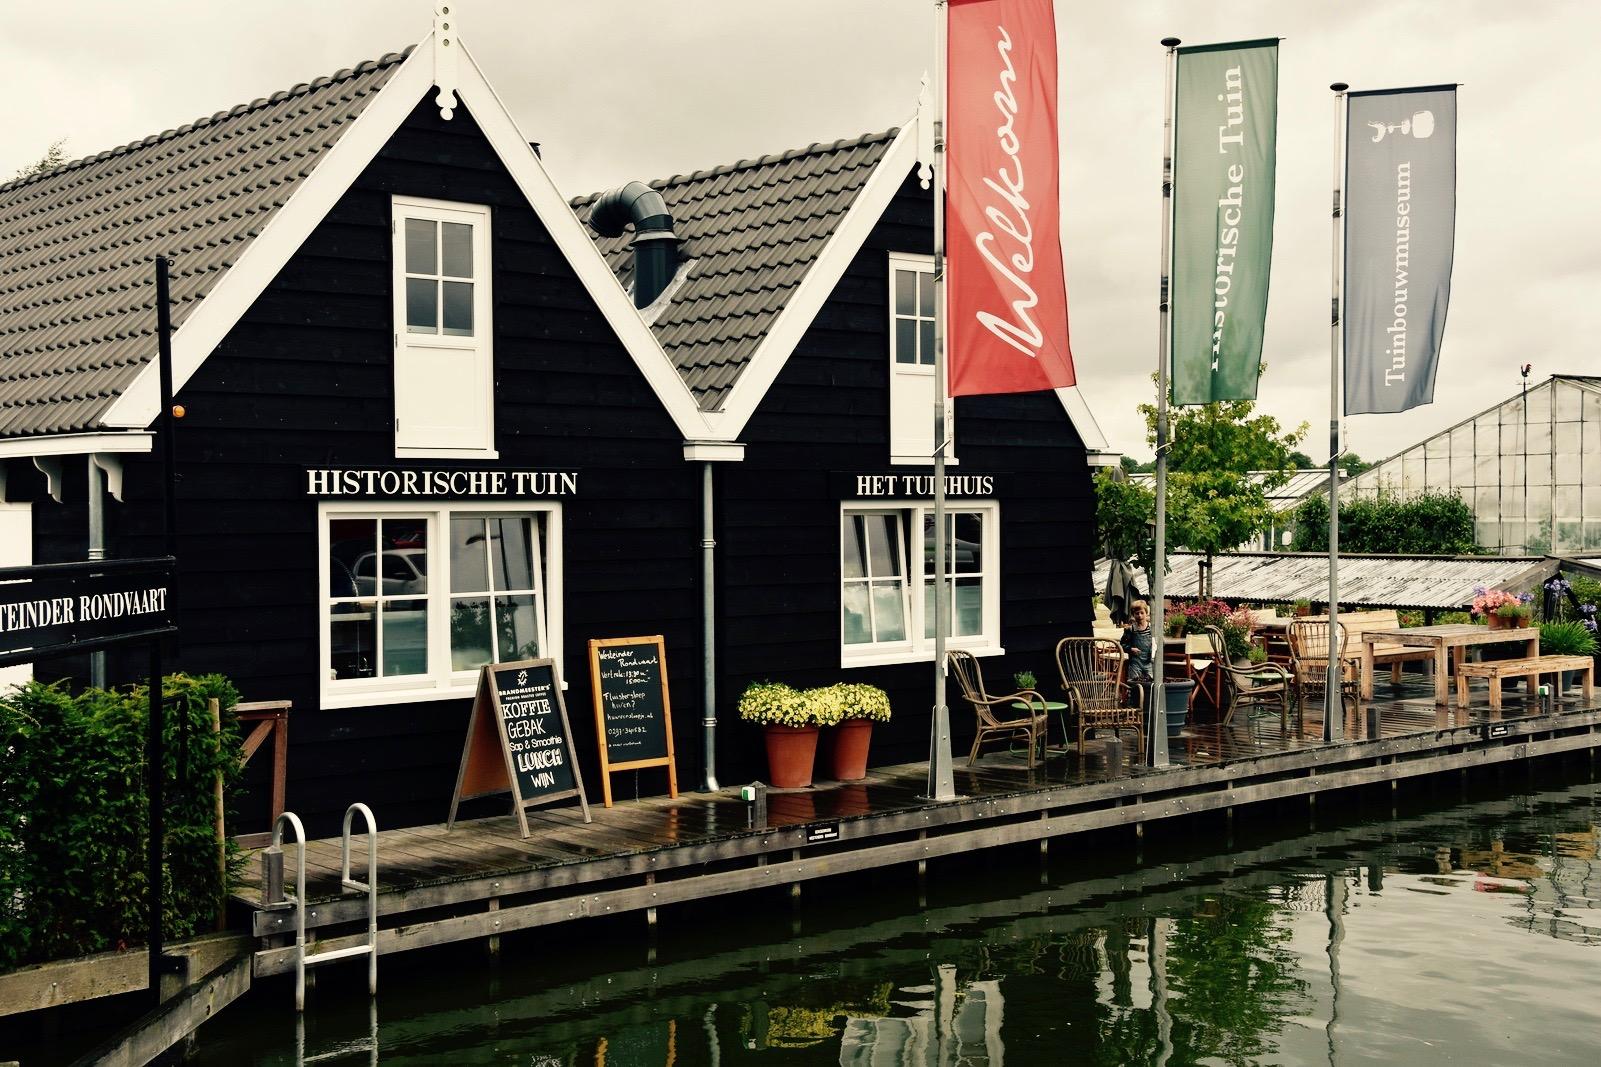 Historische Tuin Aalsmeer : High tea bij het tuinhuis in aalsmeer high tea vriendinnen